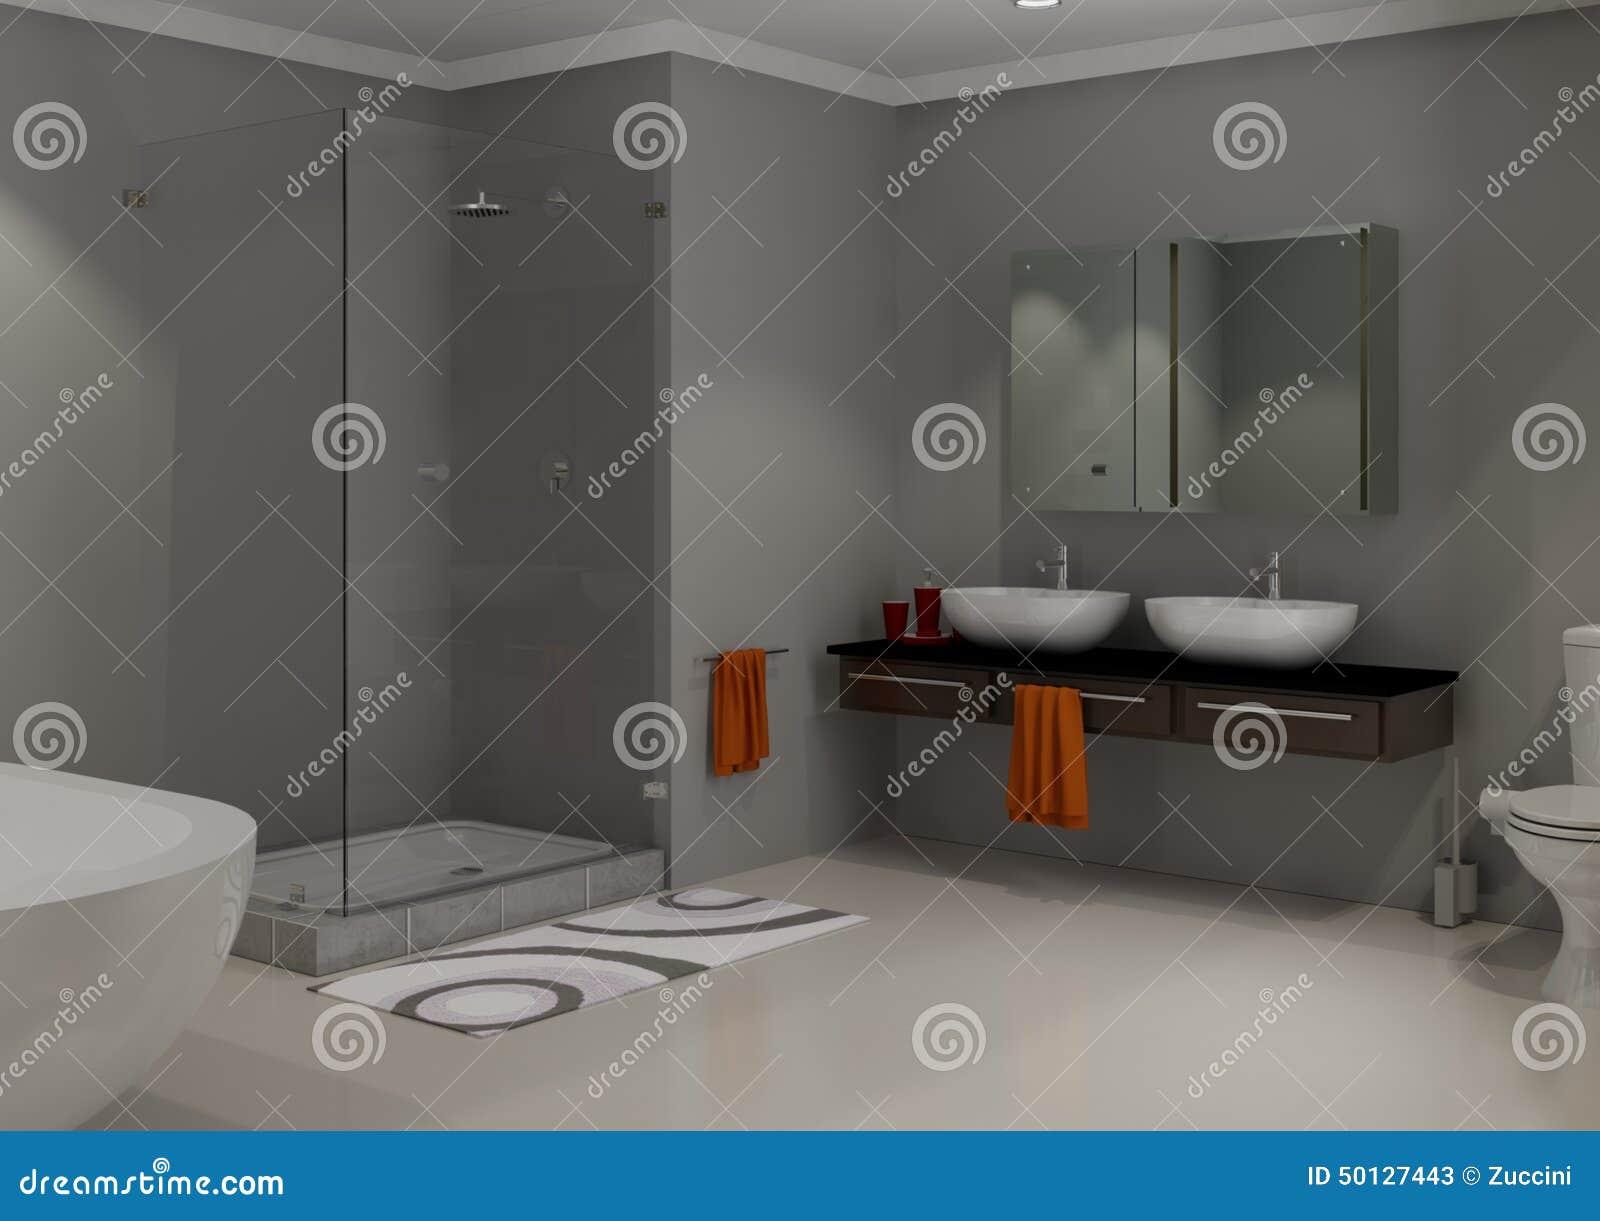 Cinza Moderno De Luxo Do Banheiro Ilustração Stock  Imagem 50127443 -> Banheiro Cinza Moderno